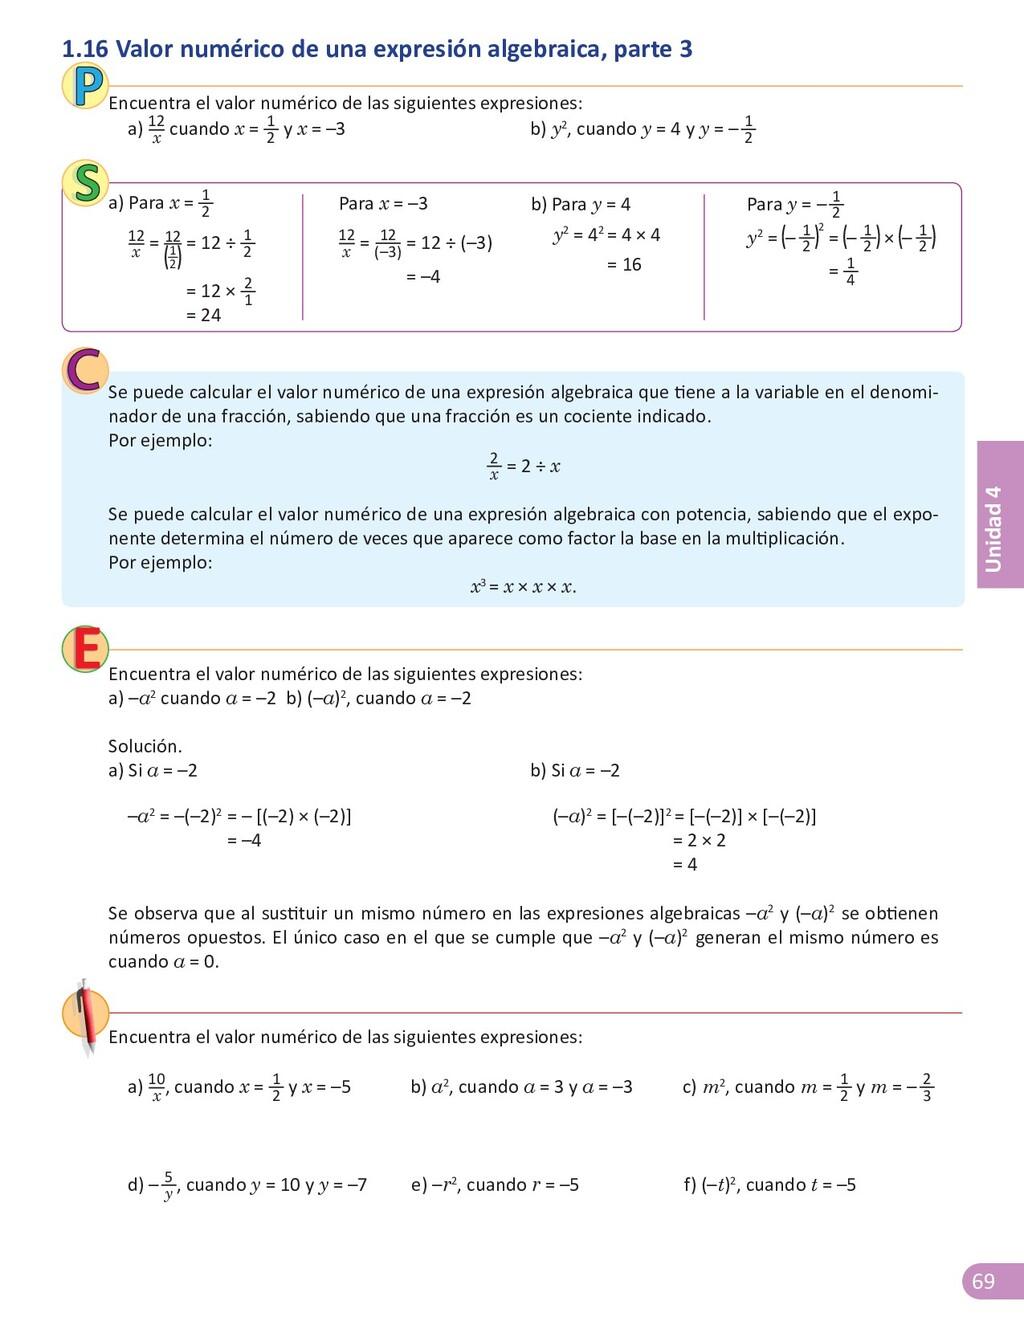 69 Unidad 4 1.16 Valor numérico de una expresió...